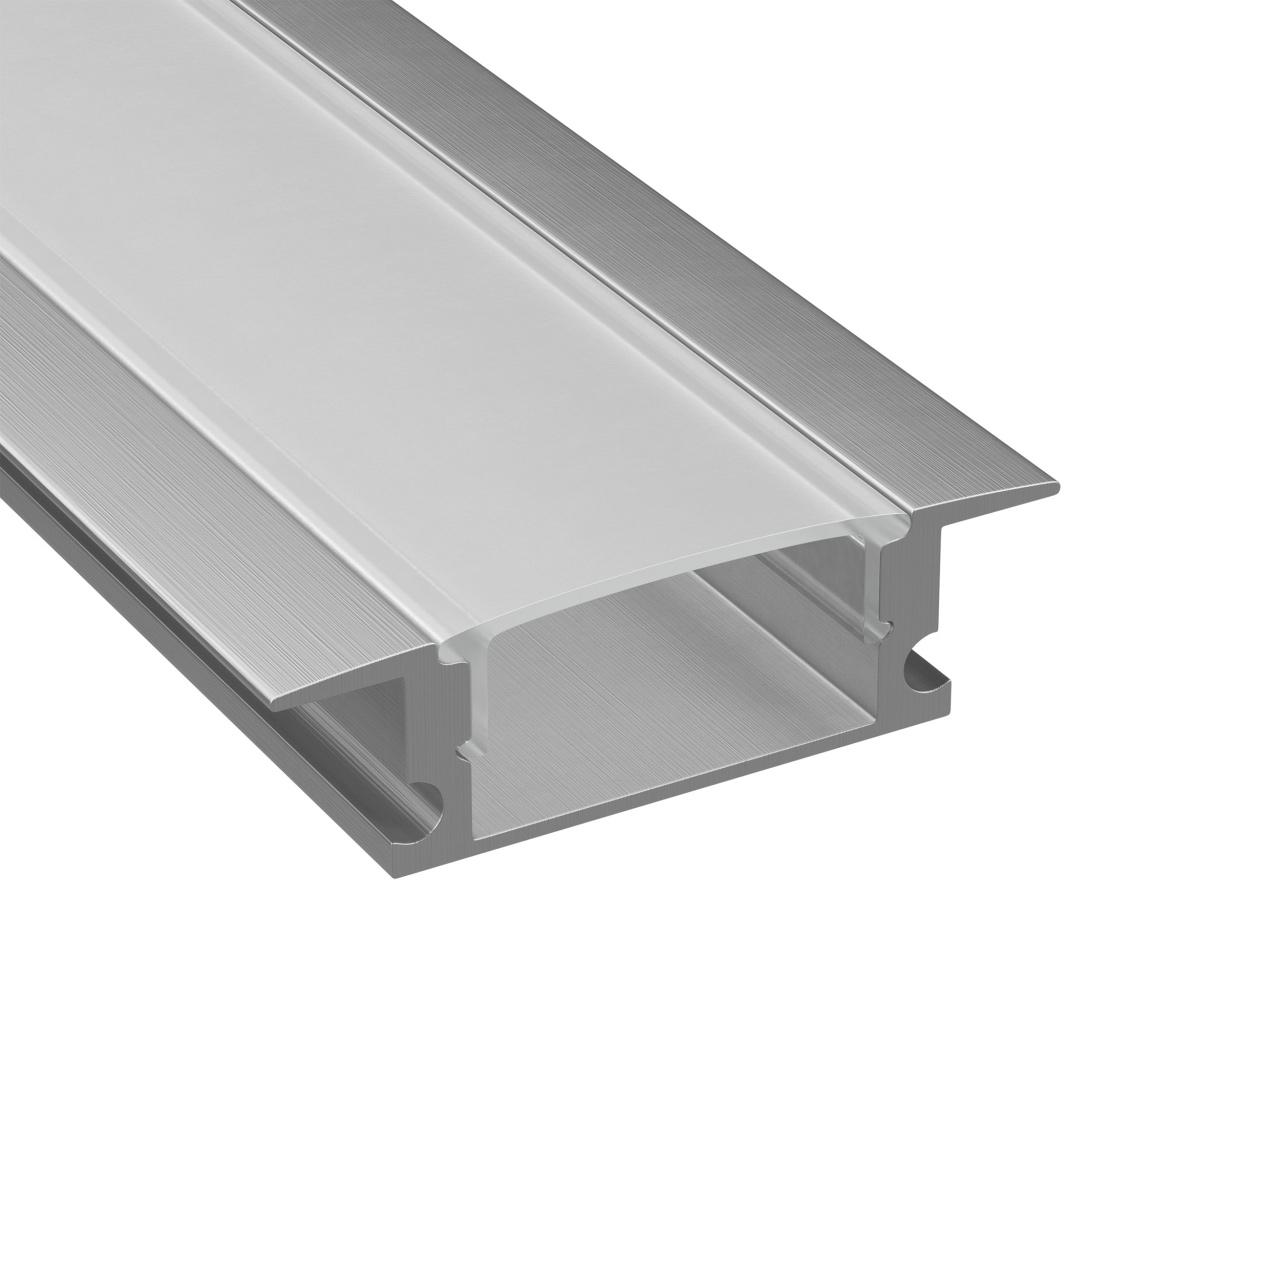 Профиль с прямоугольным рассеивателем для светодиодной ленты, алюминий, 1шт 3м Lightstar 409309